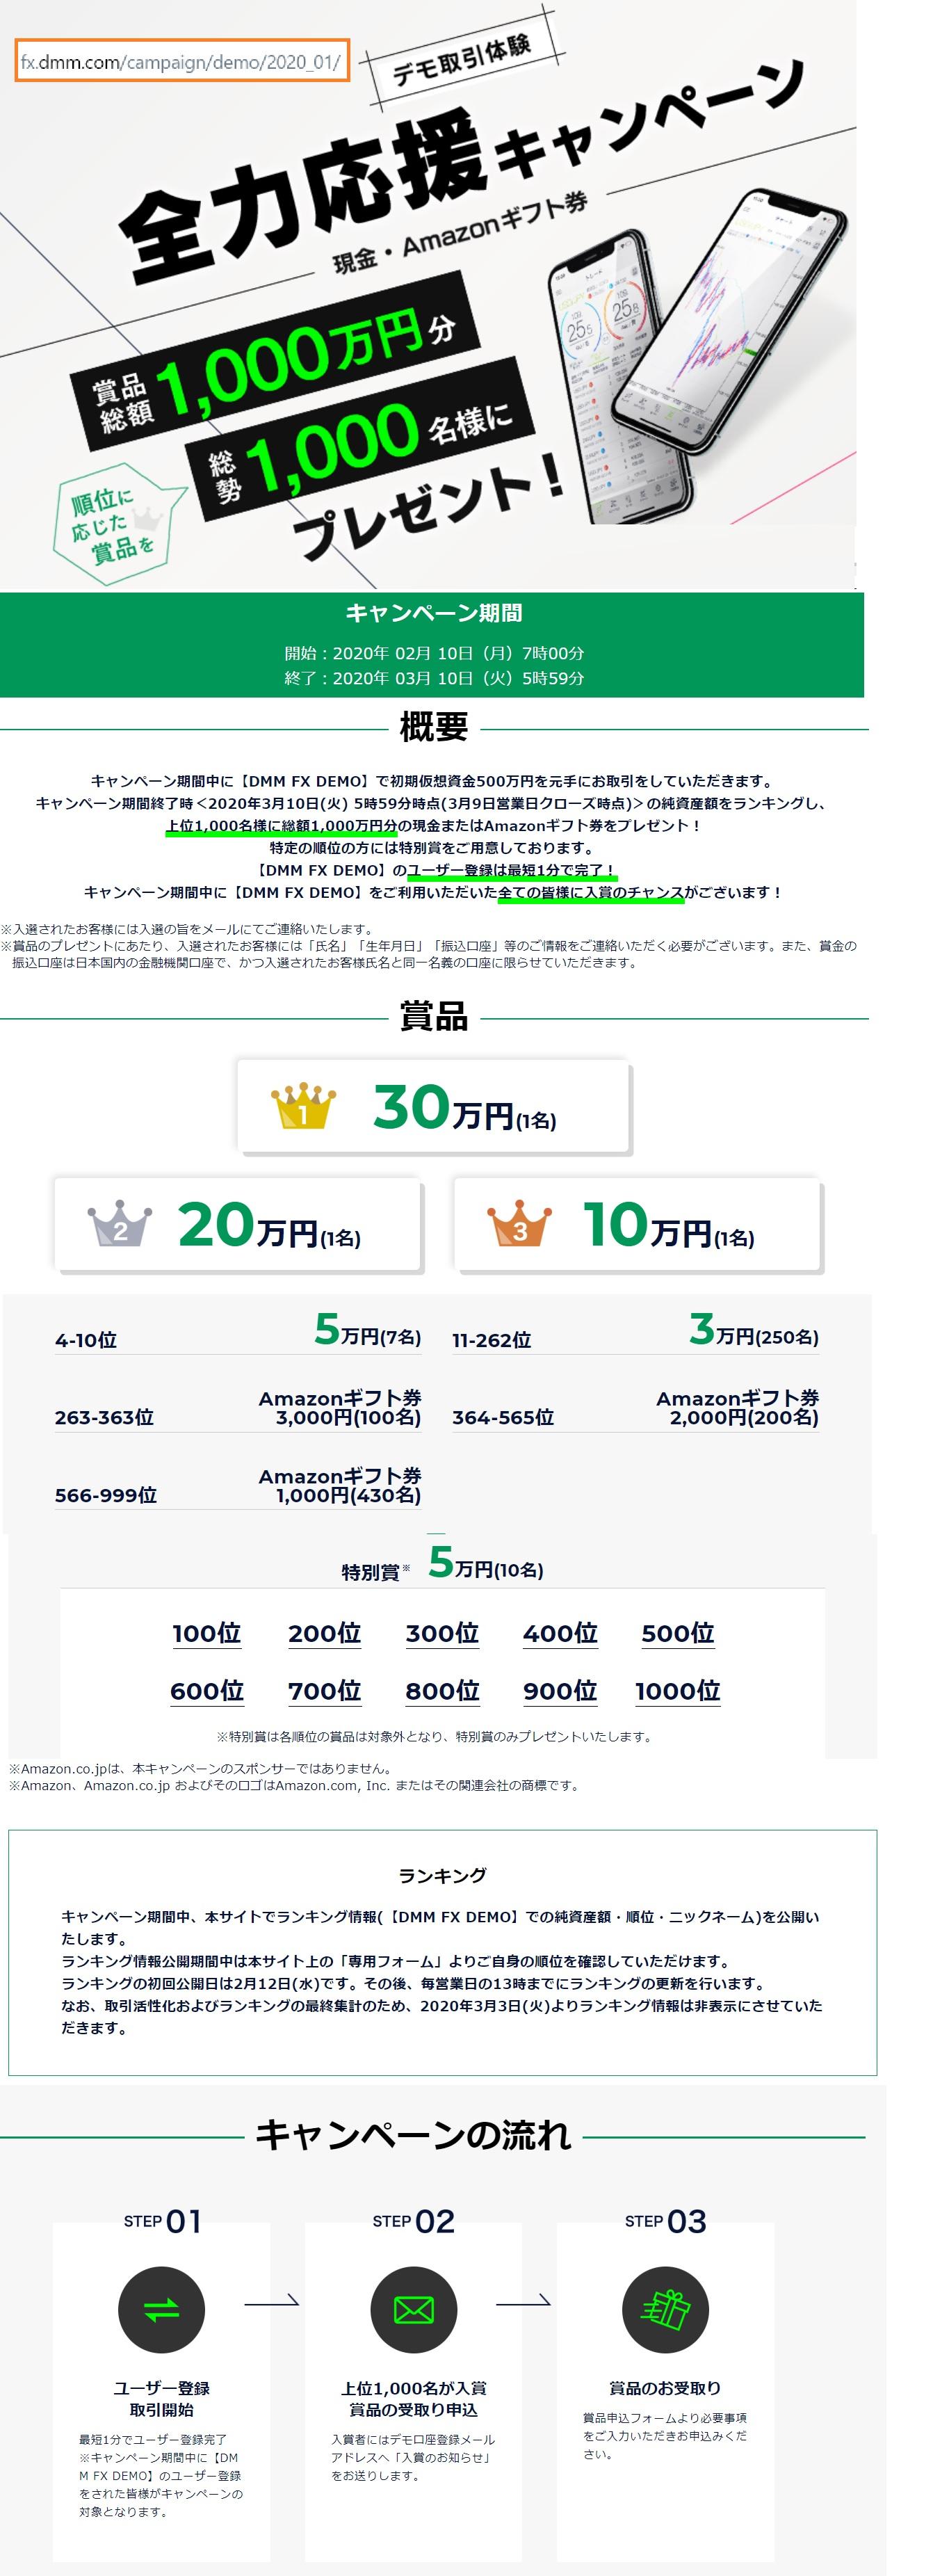 fx デモキャンペーン DMMのFXで1000万円貰える